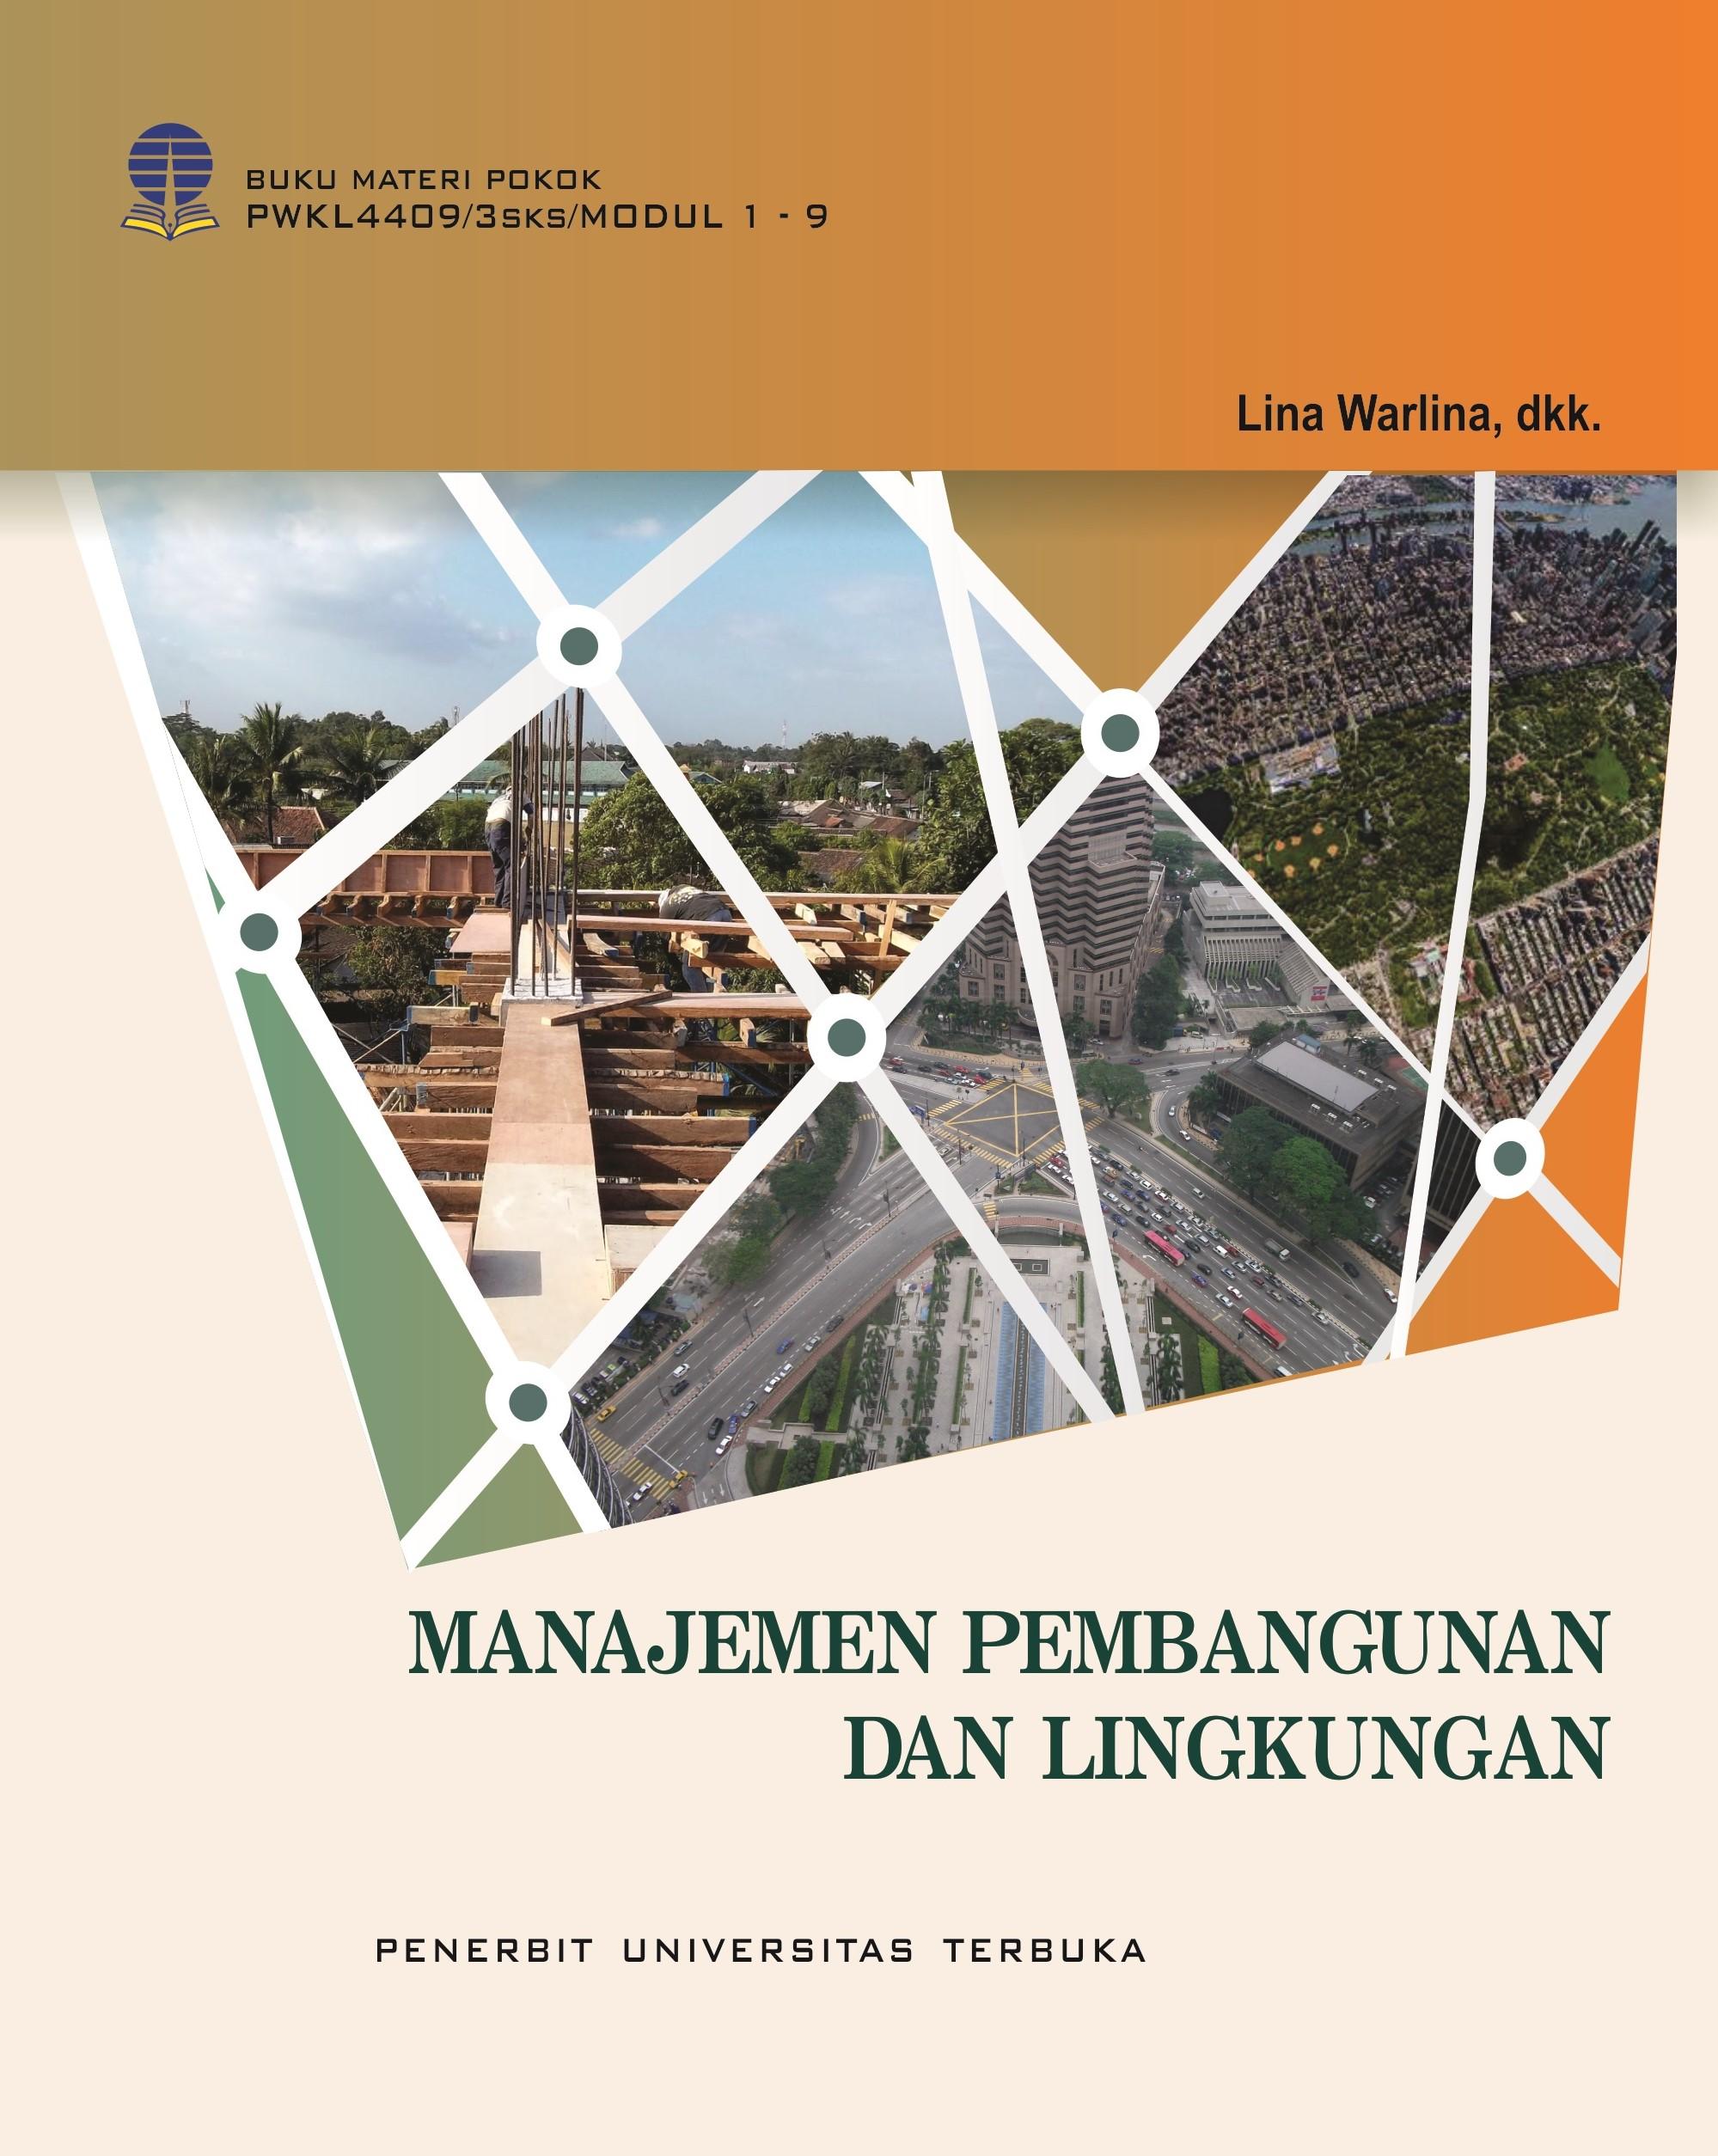 PWKL4409 - Manajemen dan Pembangunan Lingkungan